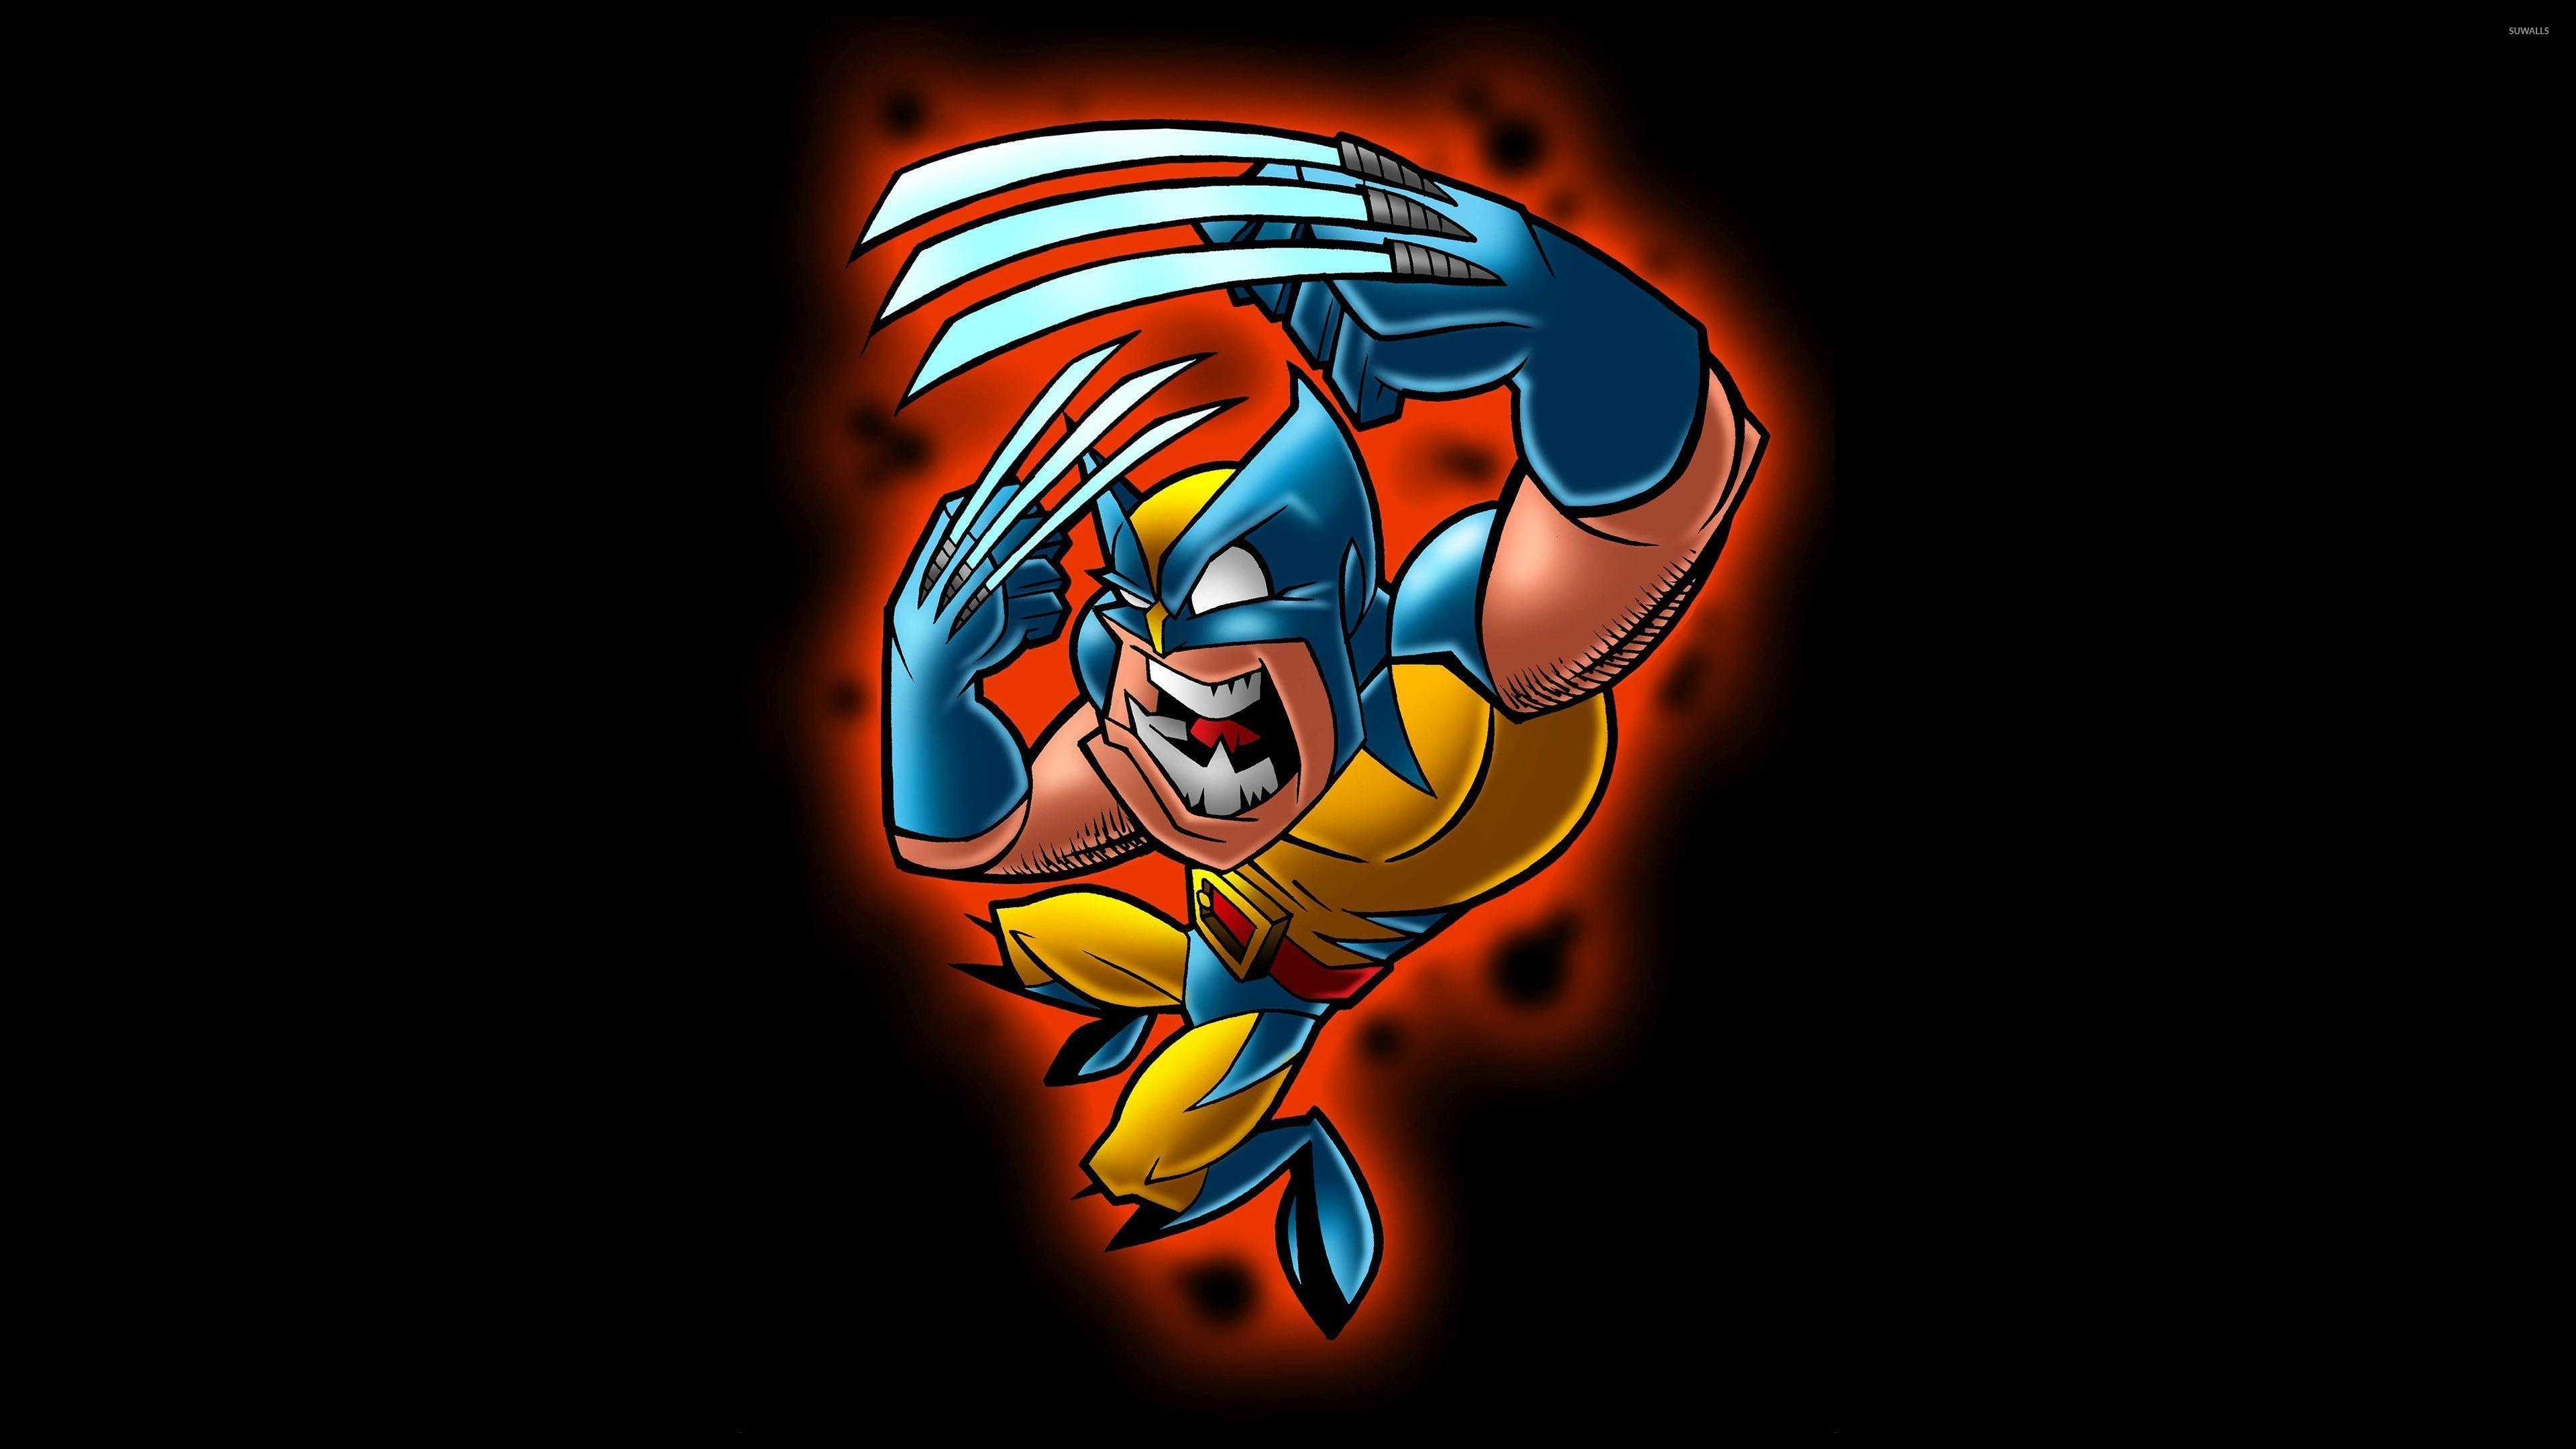 Funny Wolverine wallpaper jpg